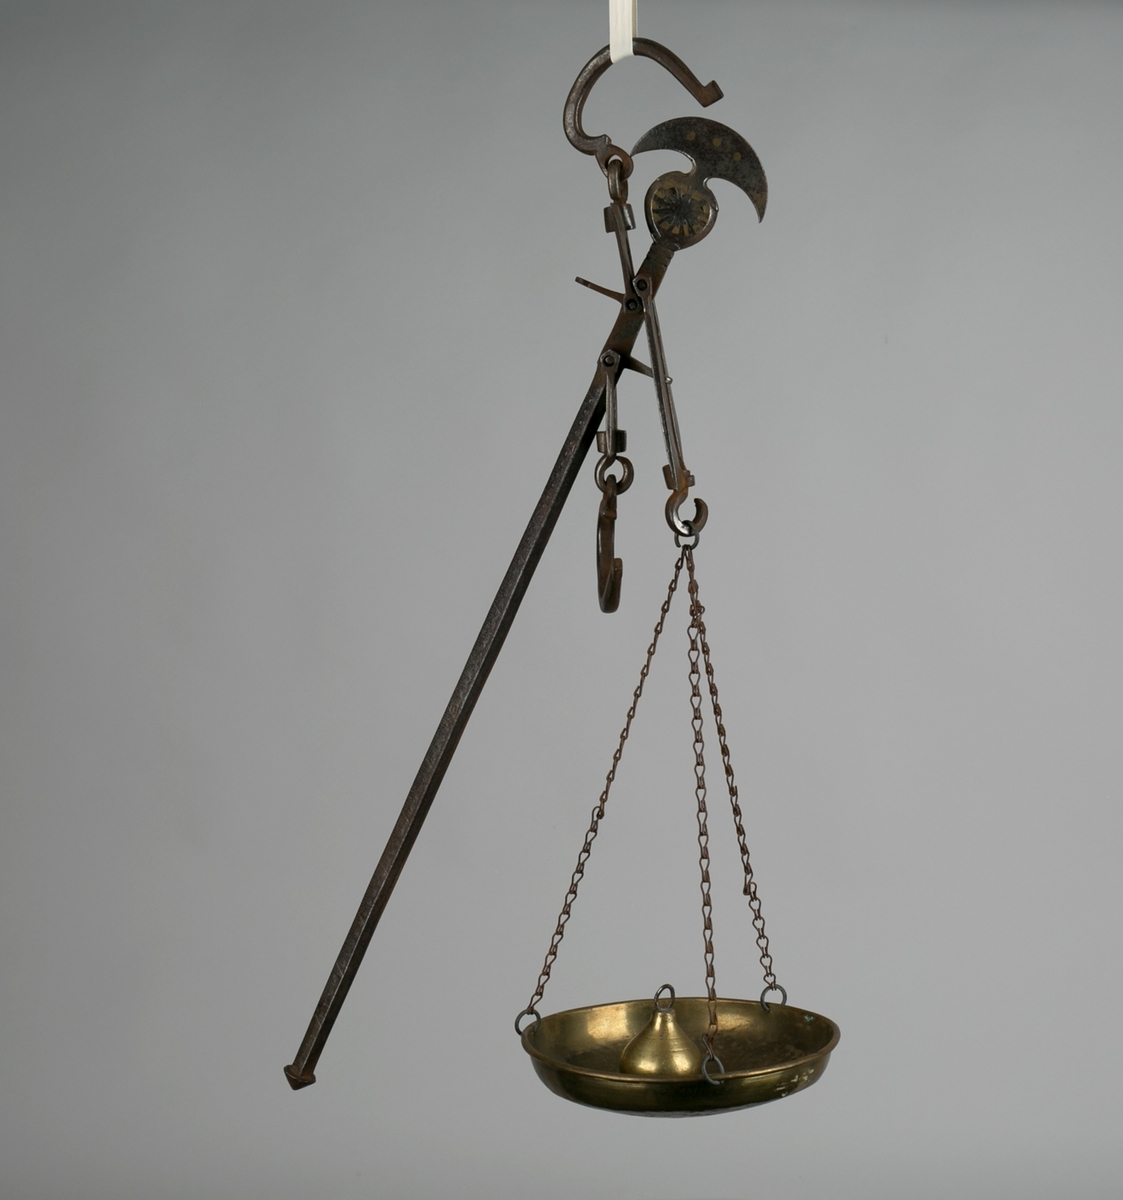 Bismervekt med dekor i ene ende - av jern med lodd, kroker og vektskål. Vektstang med skala. Vekten henger etter krok, mens loddet skyves til balansen er funnet.